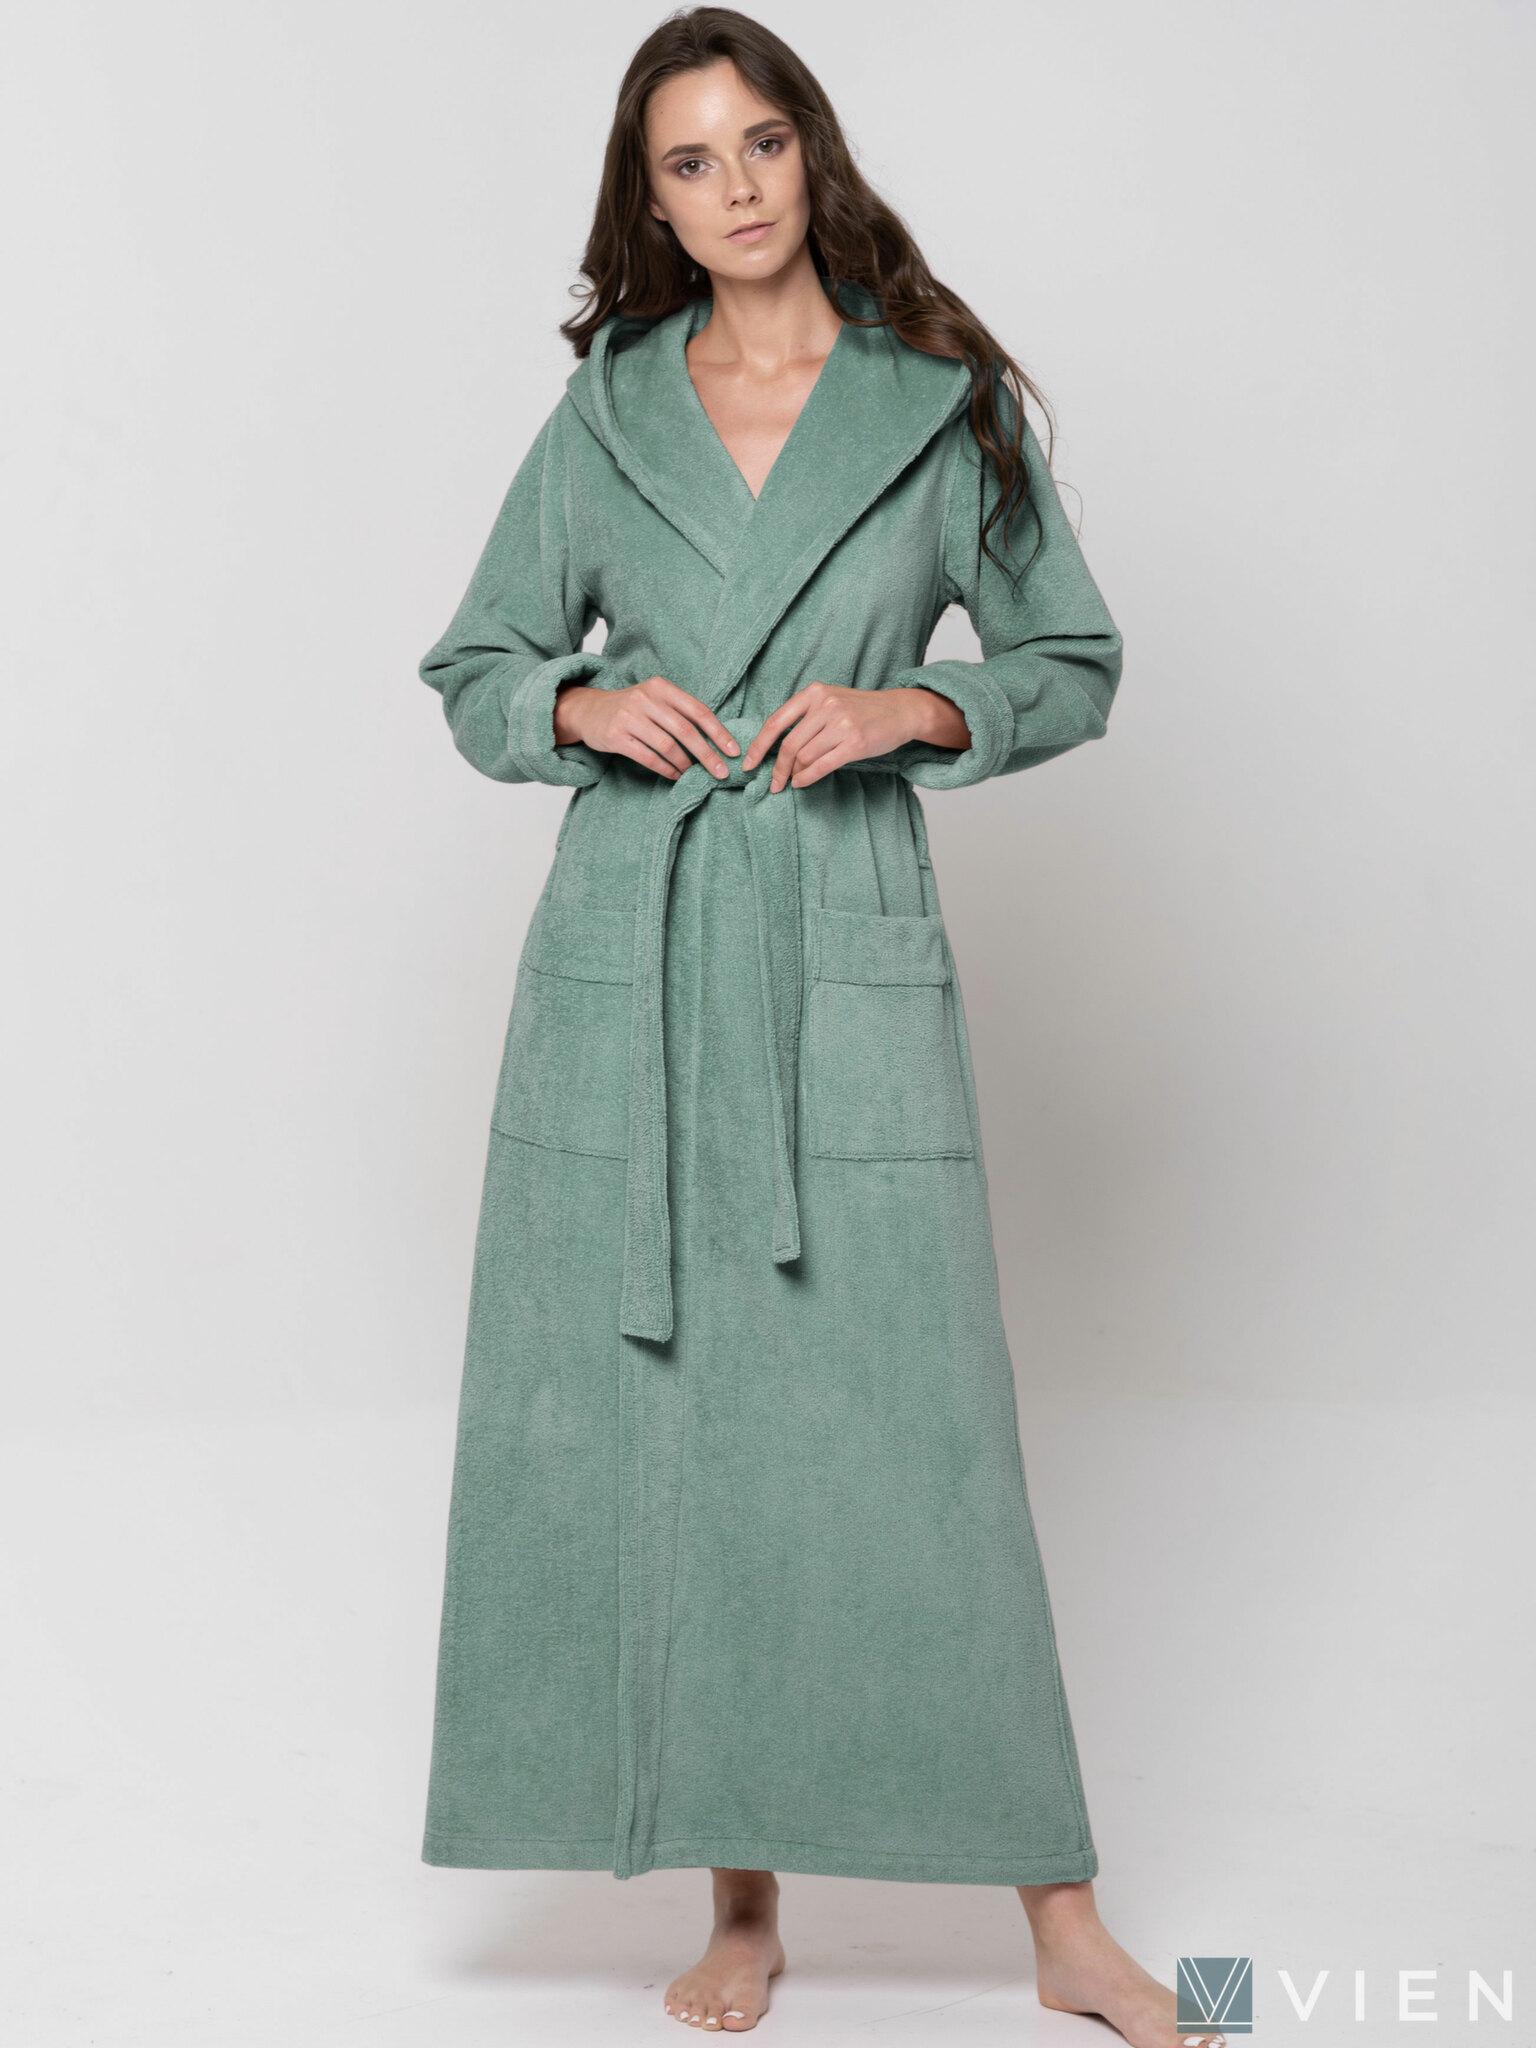 Женский длинный халат с капюшоном 696 Lady серо-зеленый Wien